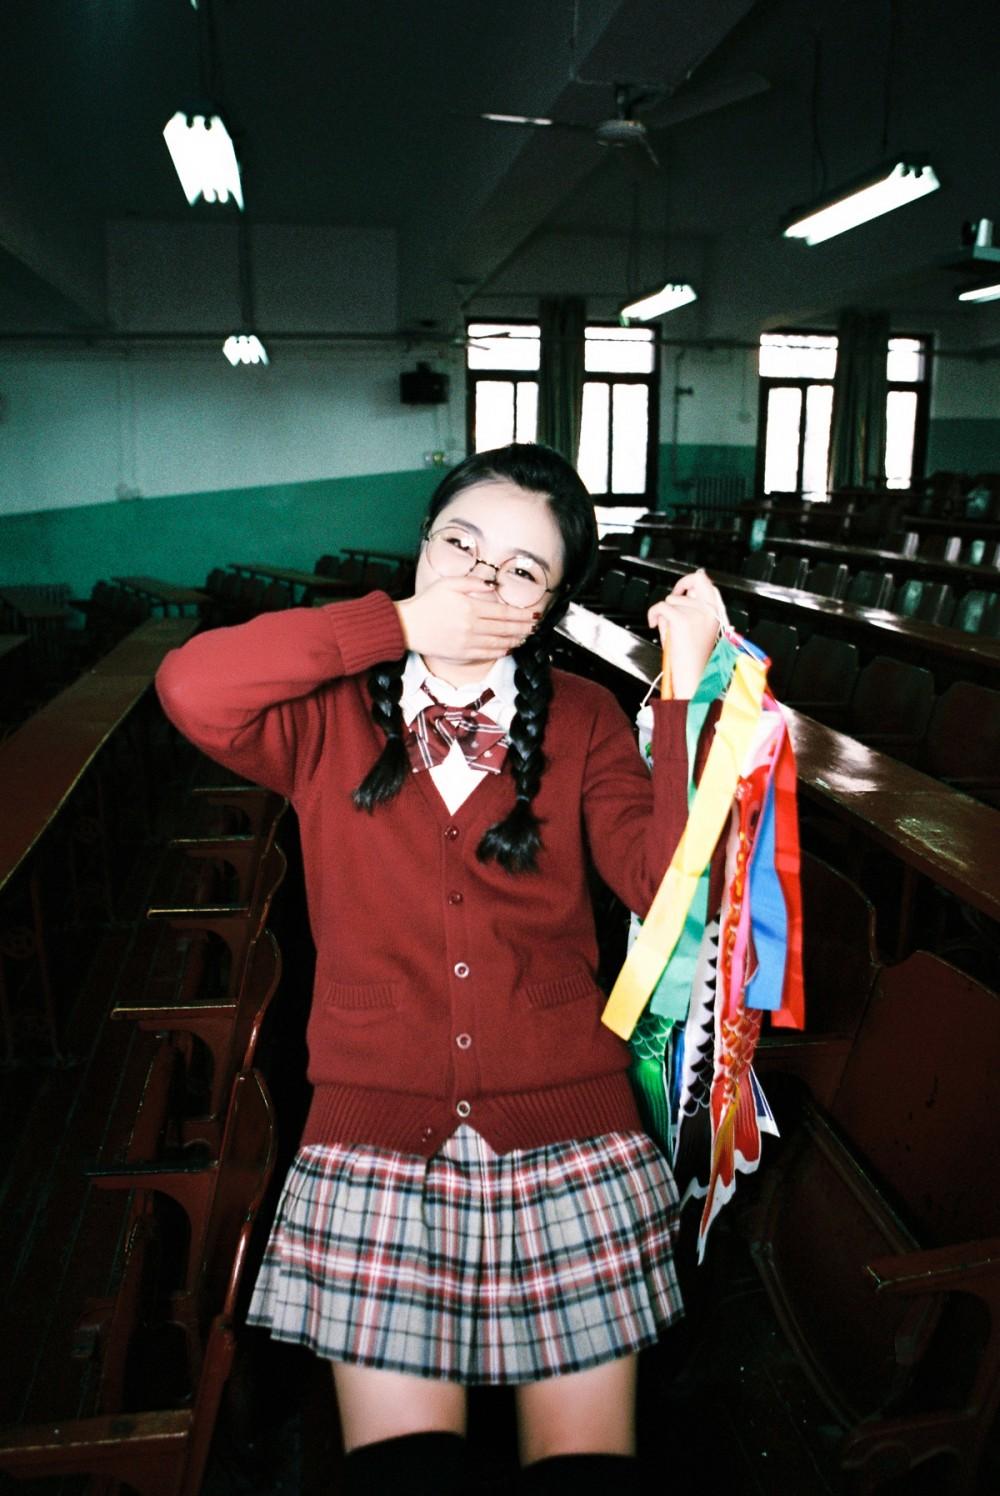 制服少女 @马骏同学-菲林中文-独立胶片摄影门户!